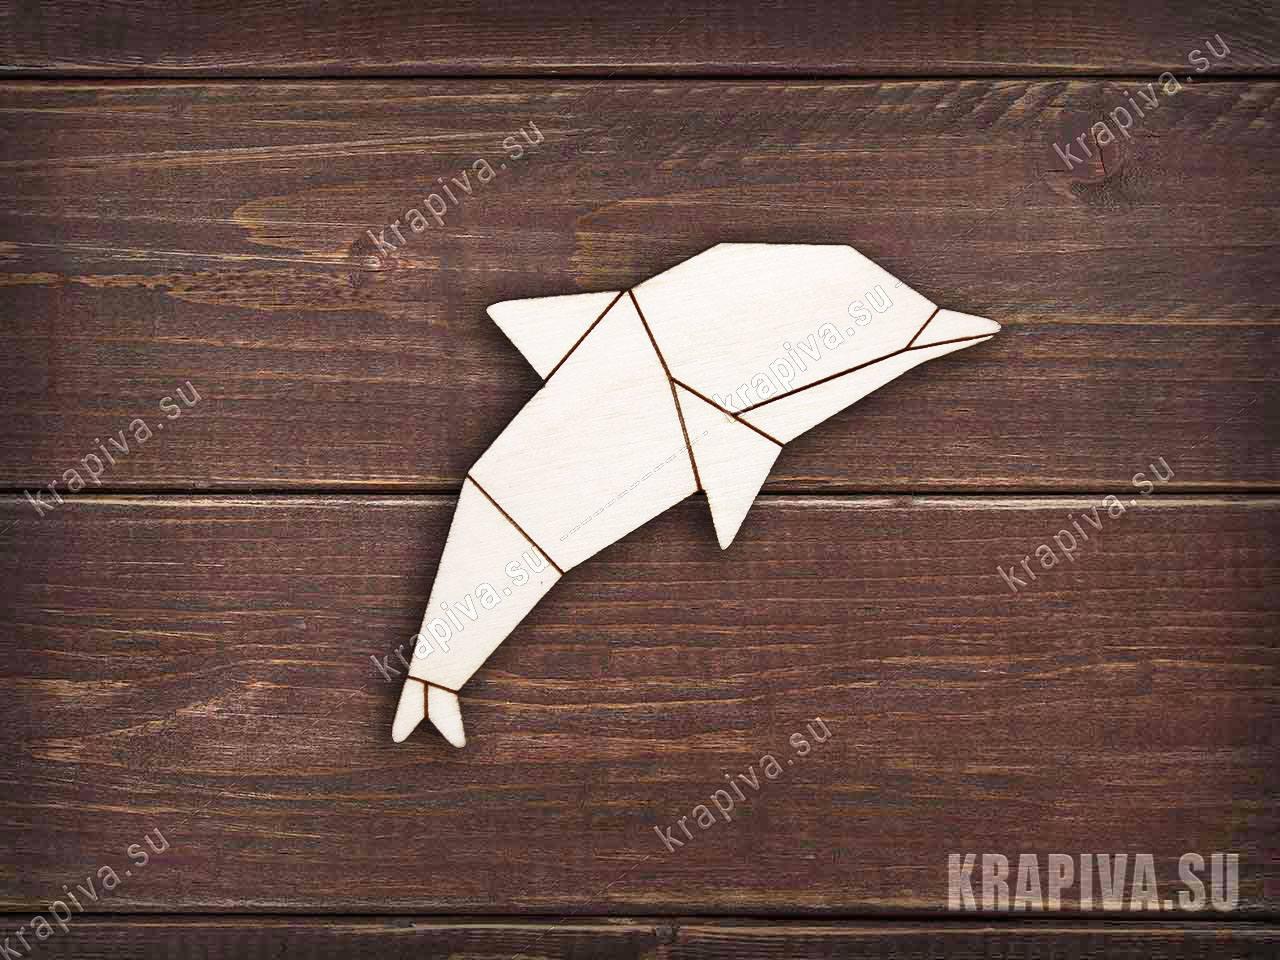 Заготовка из дерева Геометрический дельфин (krapiva.su)